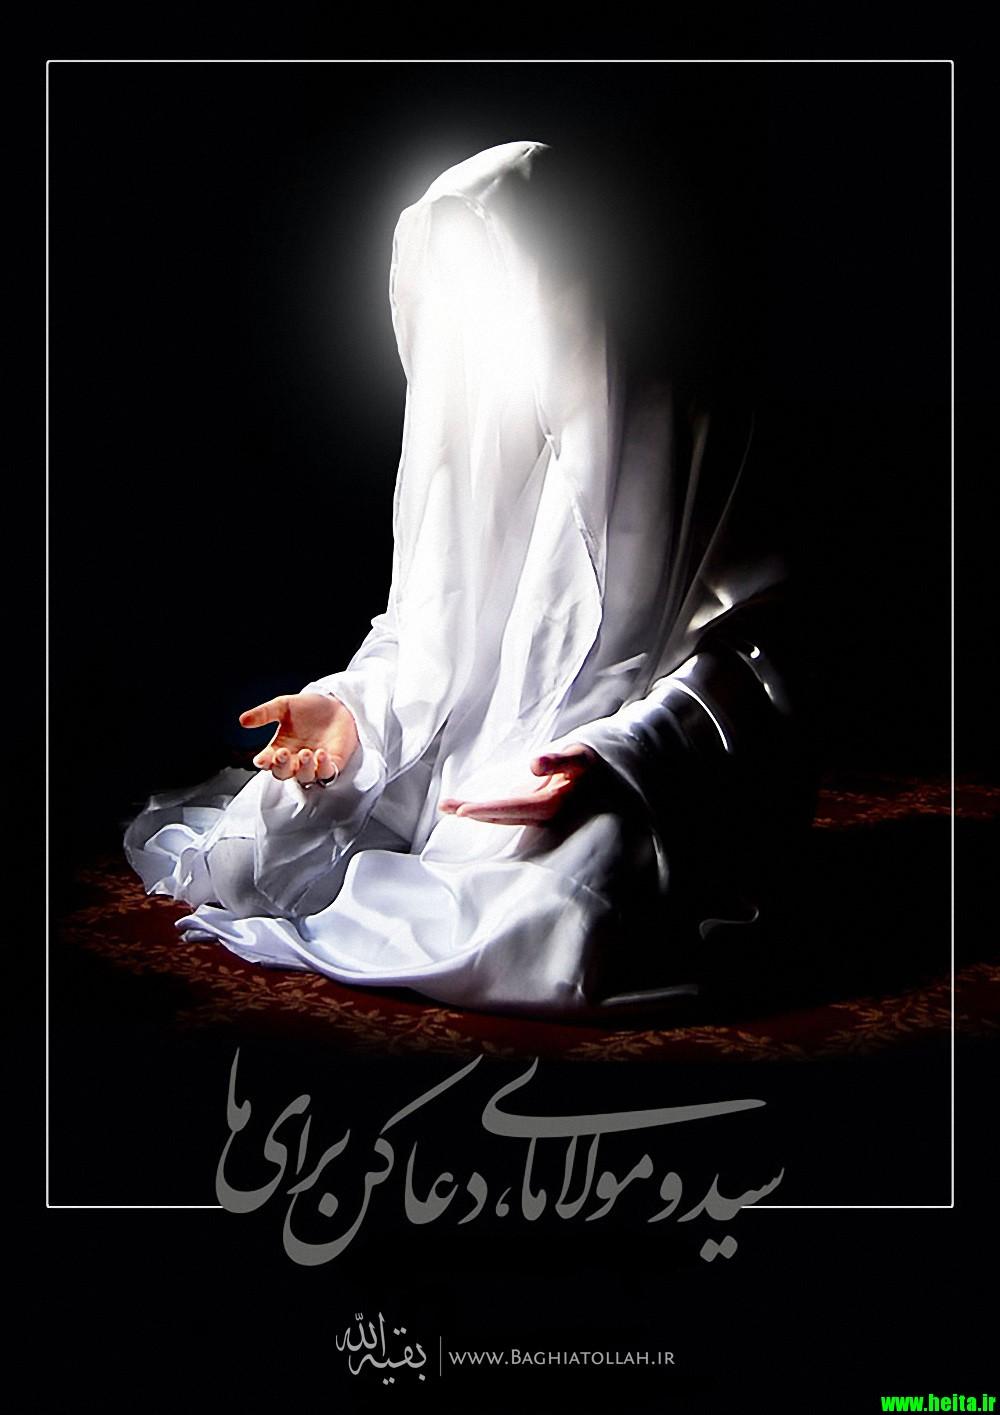 http://heita.ir/wp-content/uploads/2012/12/Imam-Mahdi-4.jpg